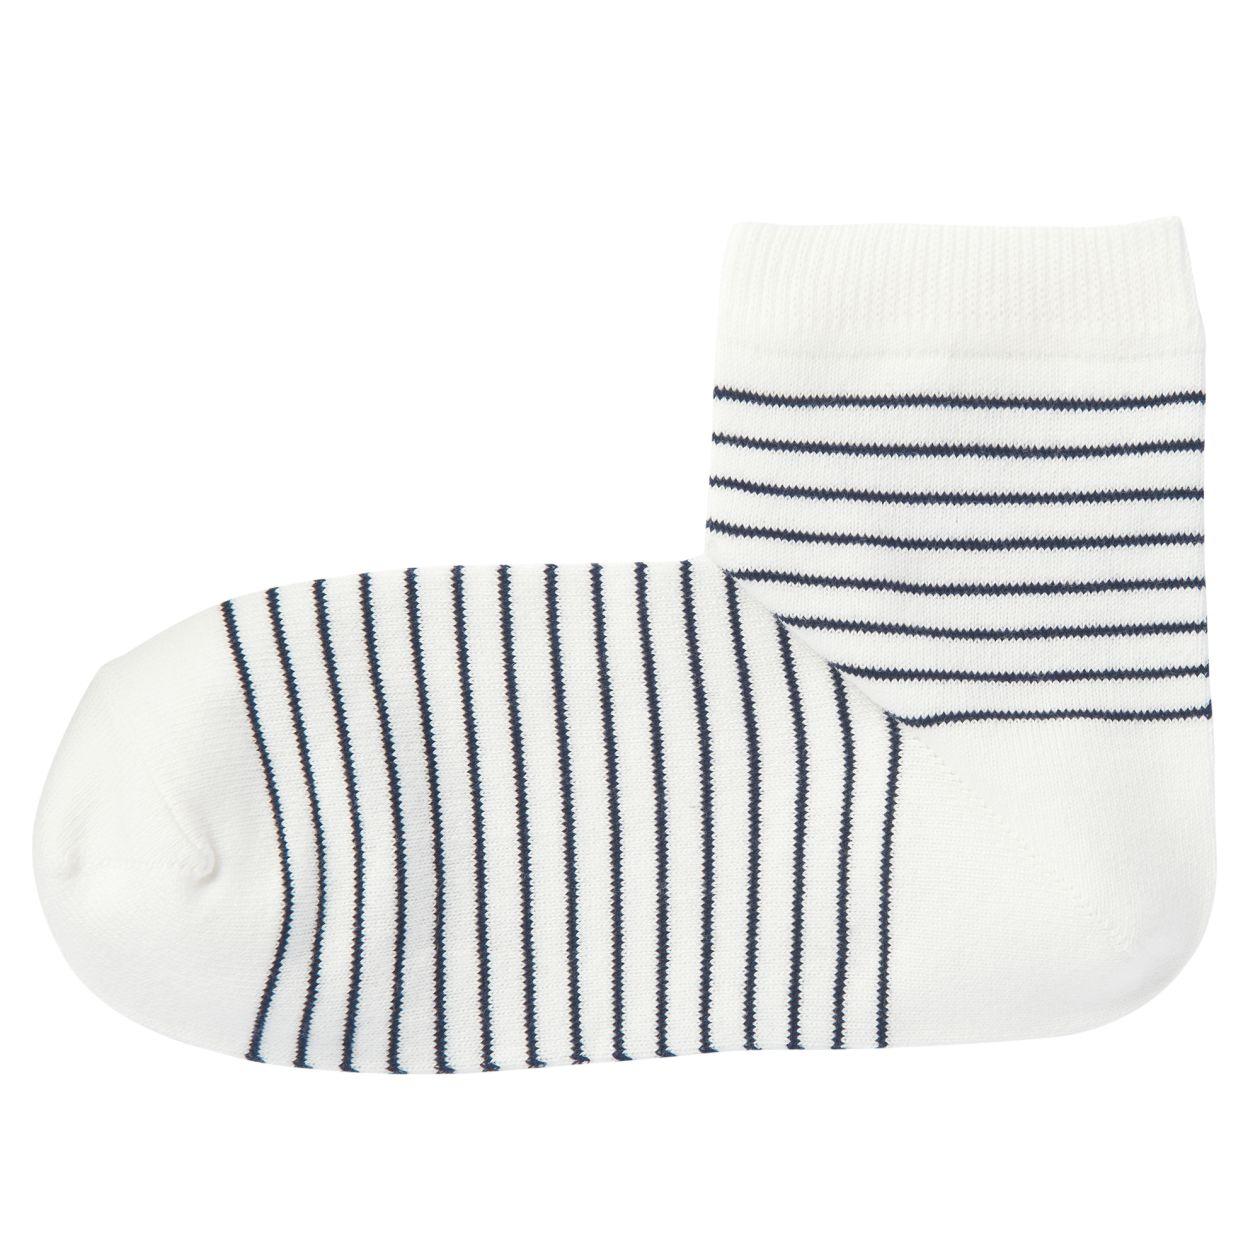 足なり直角 口ゴムなし ショート丈靴下(ボーダー/婦人・えらべる)